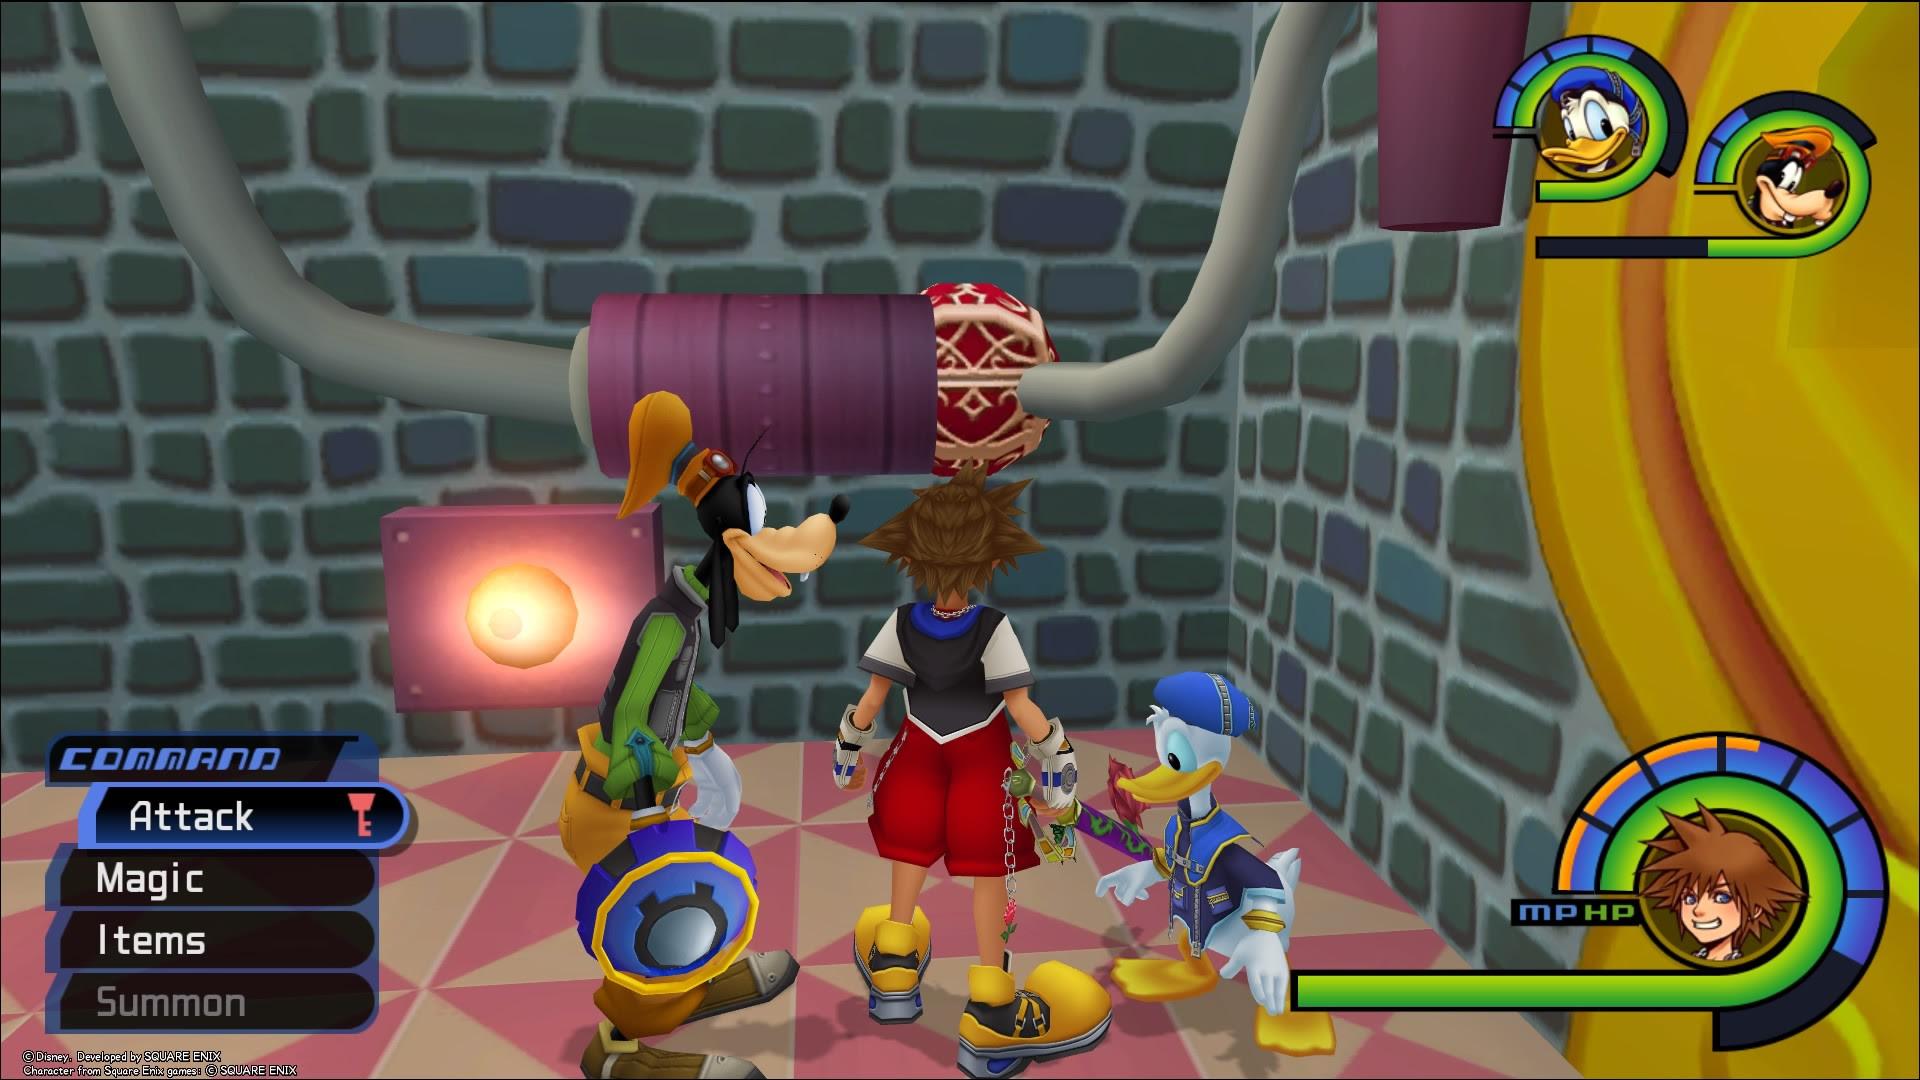 Kingdom Hearts 1 Final Mix Ps4 Gizmo Shop Glitch Kingdom